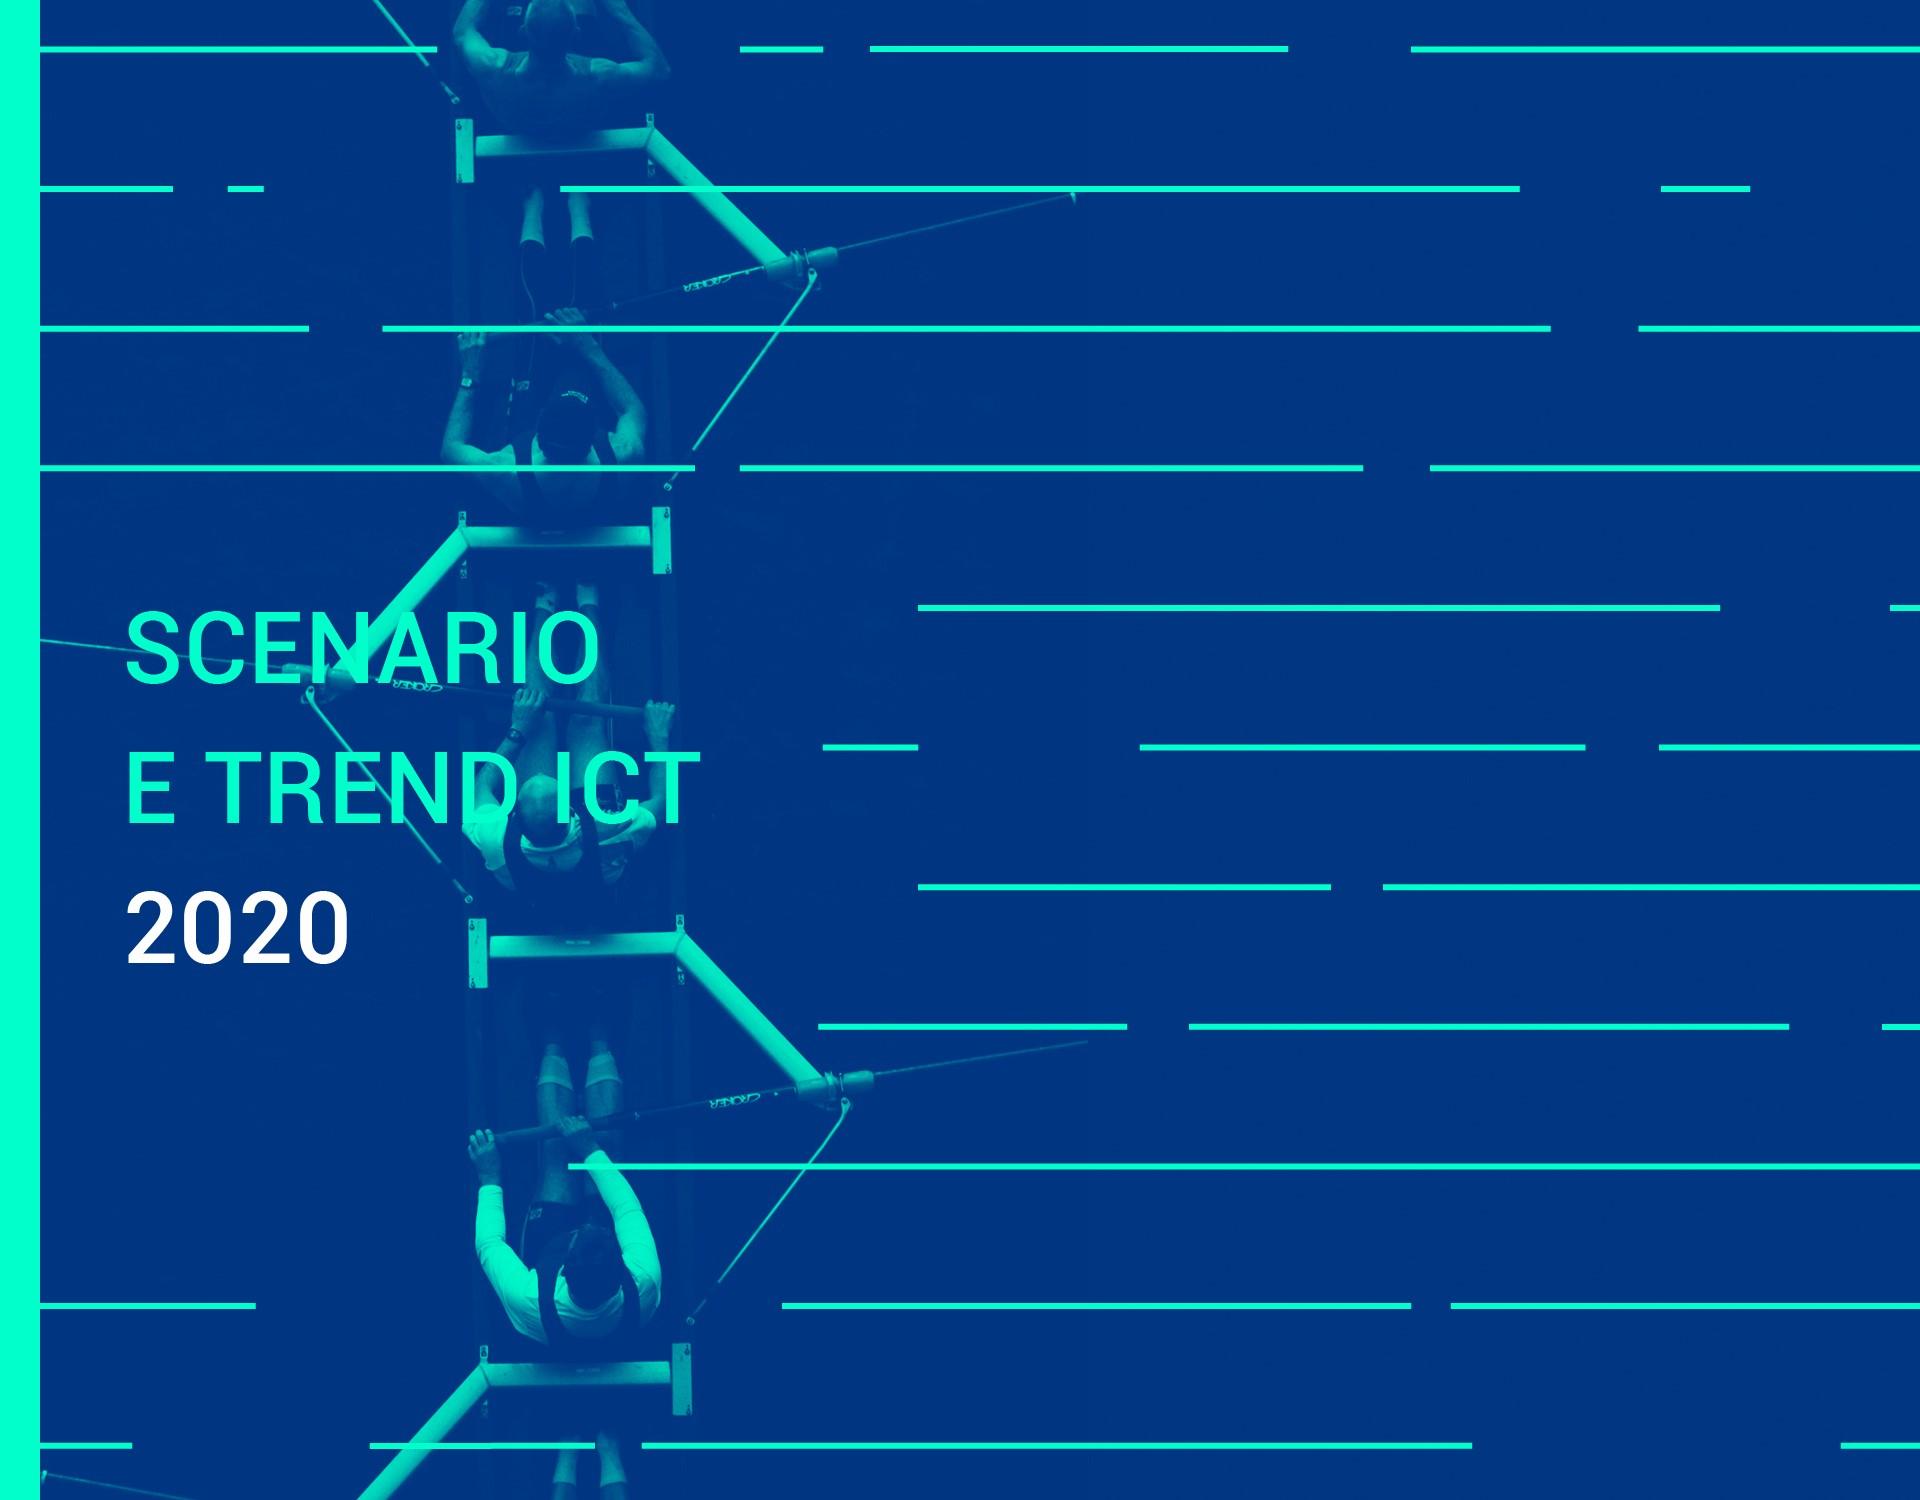 Rapporto ABI Lab 2020. Principali trend di evoluzione e priorità di investimento e ricerca ICT delle banche italiane.